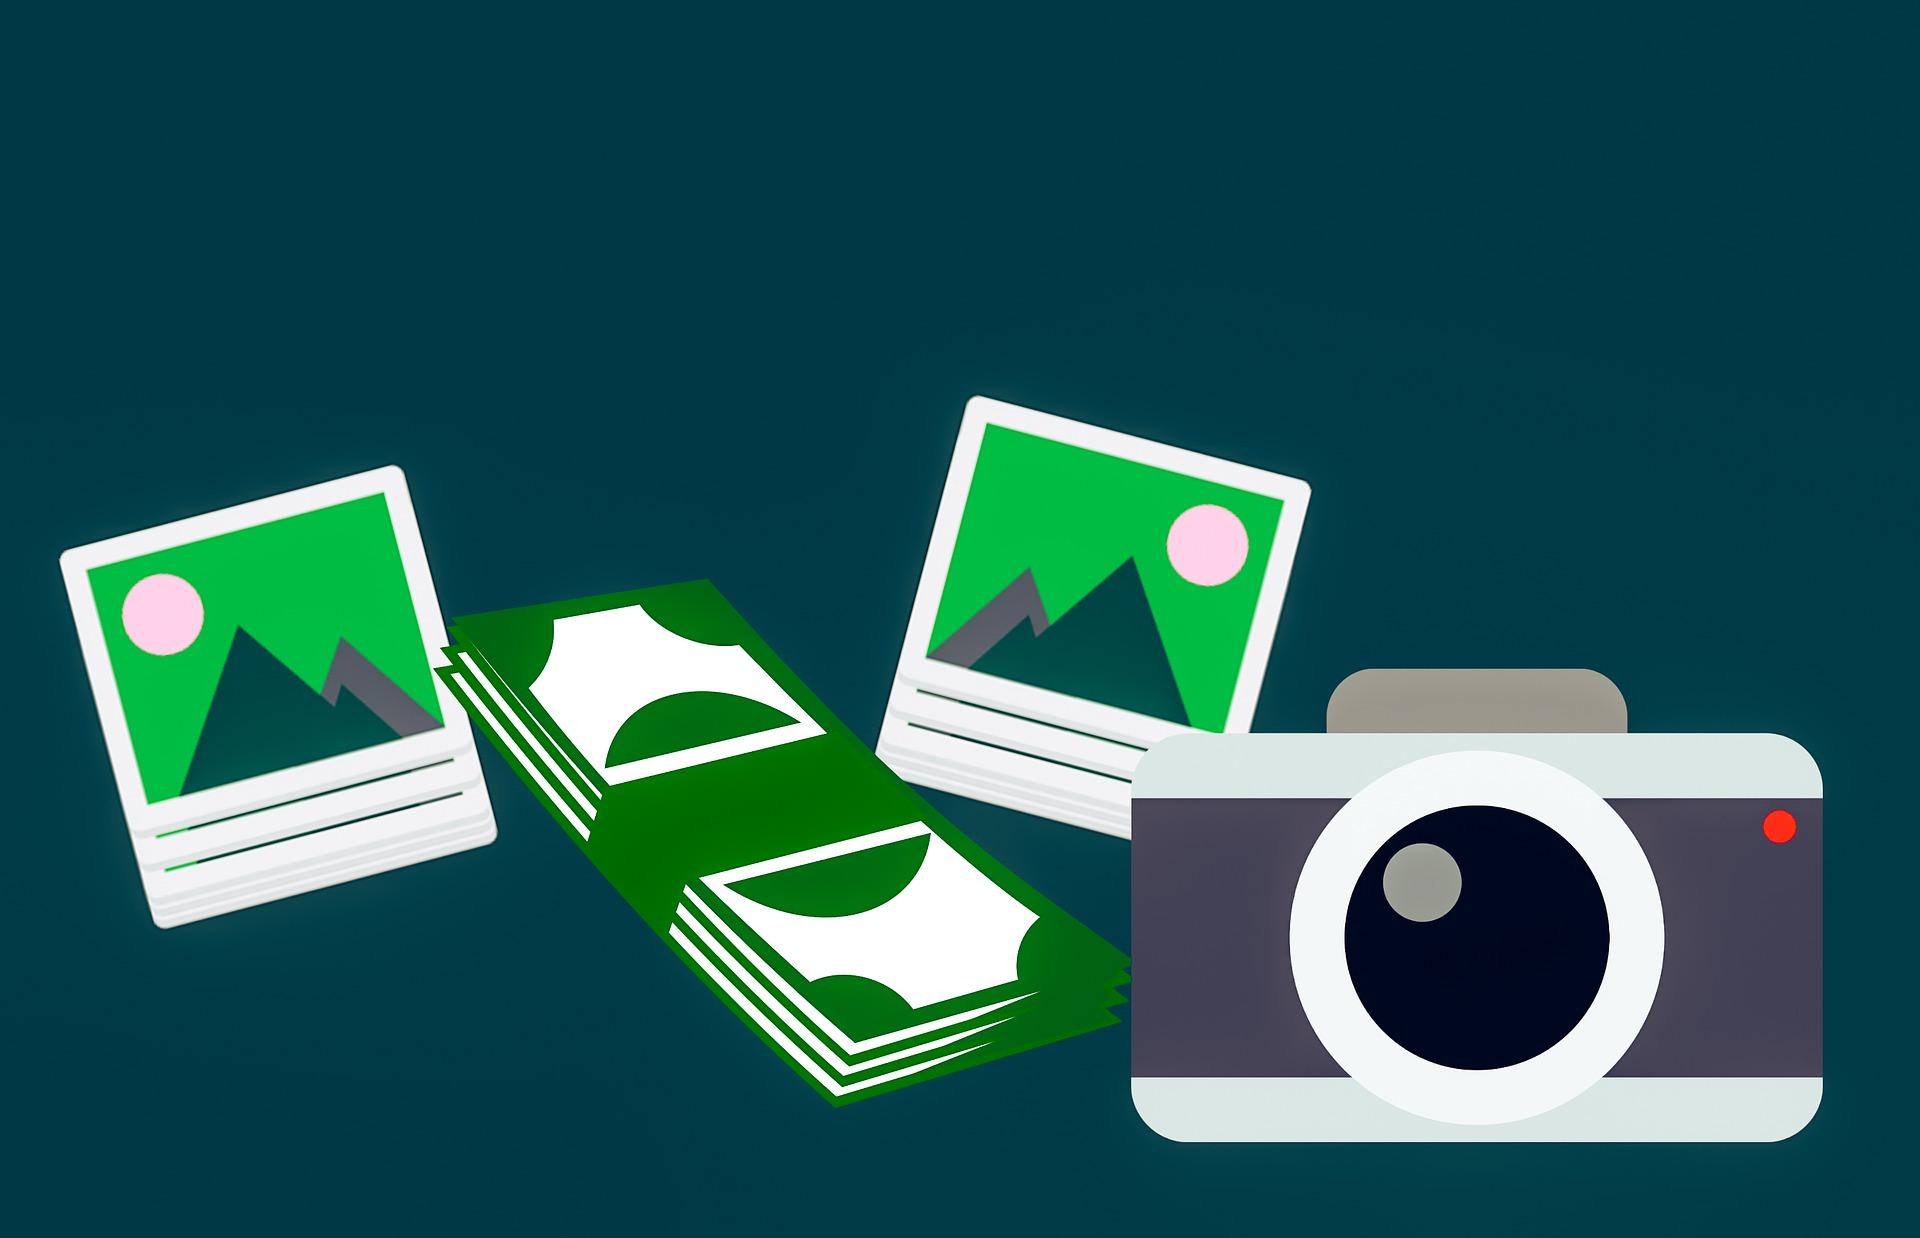 Заработать на продаже фотографий и изображений. Фотоаппарат, фотографии, деньги